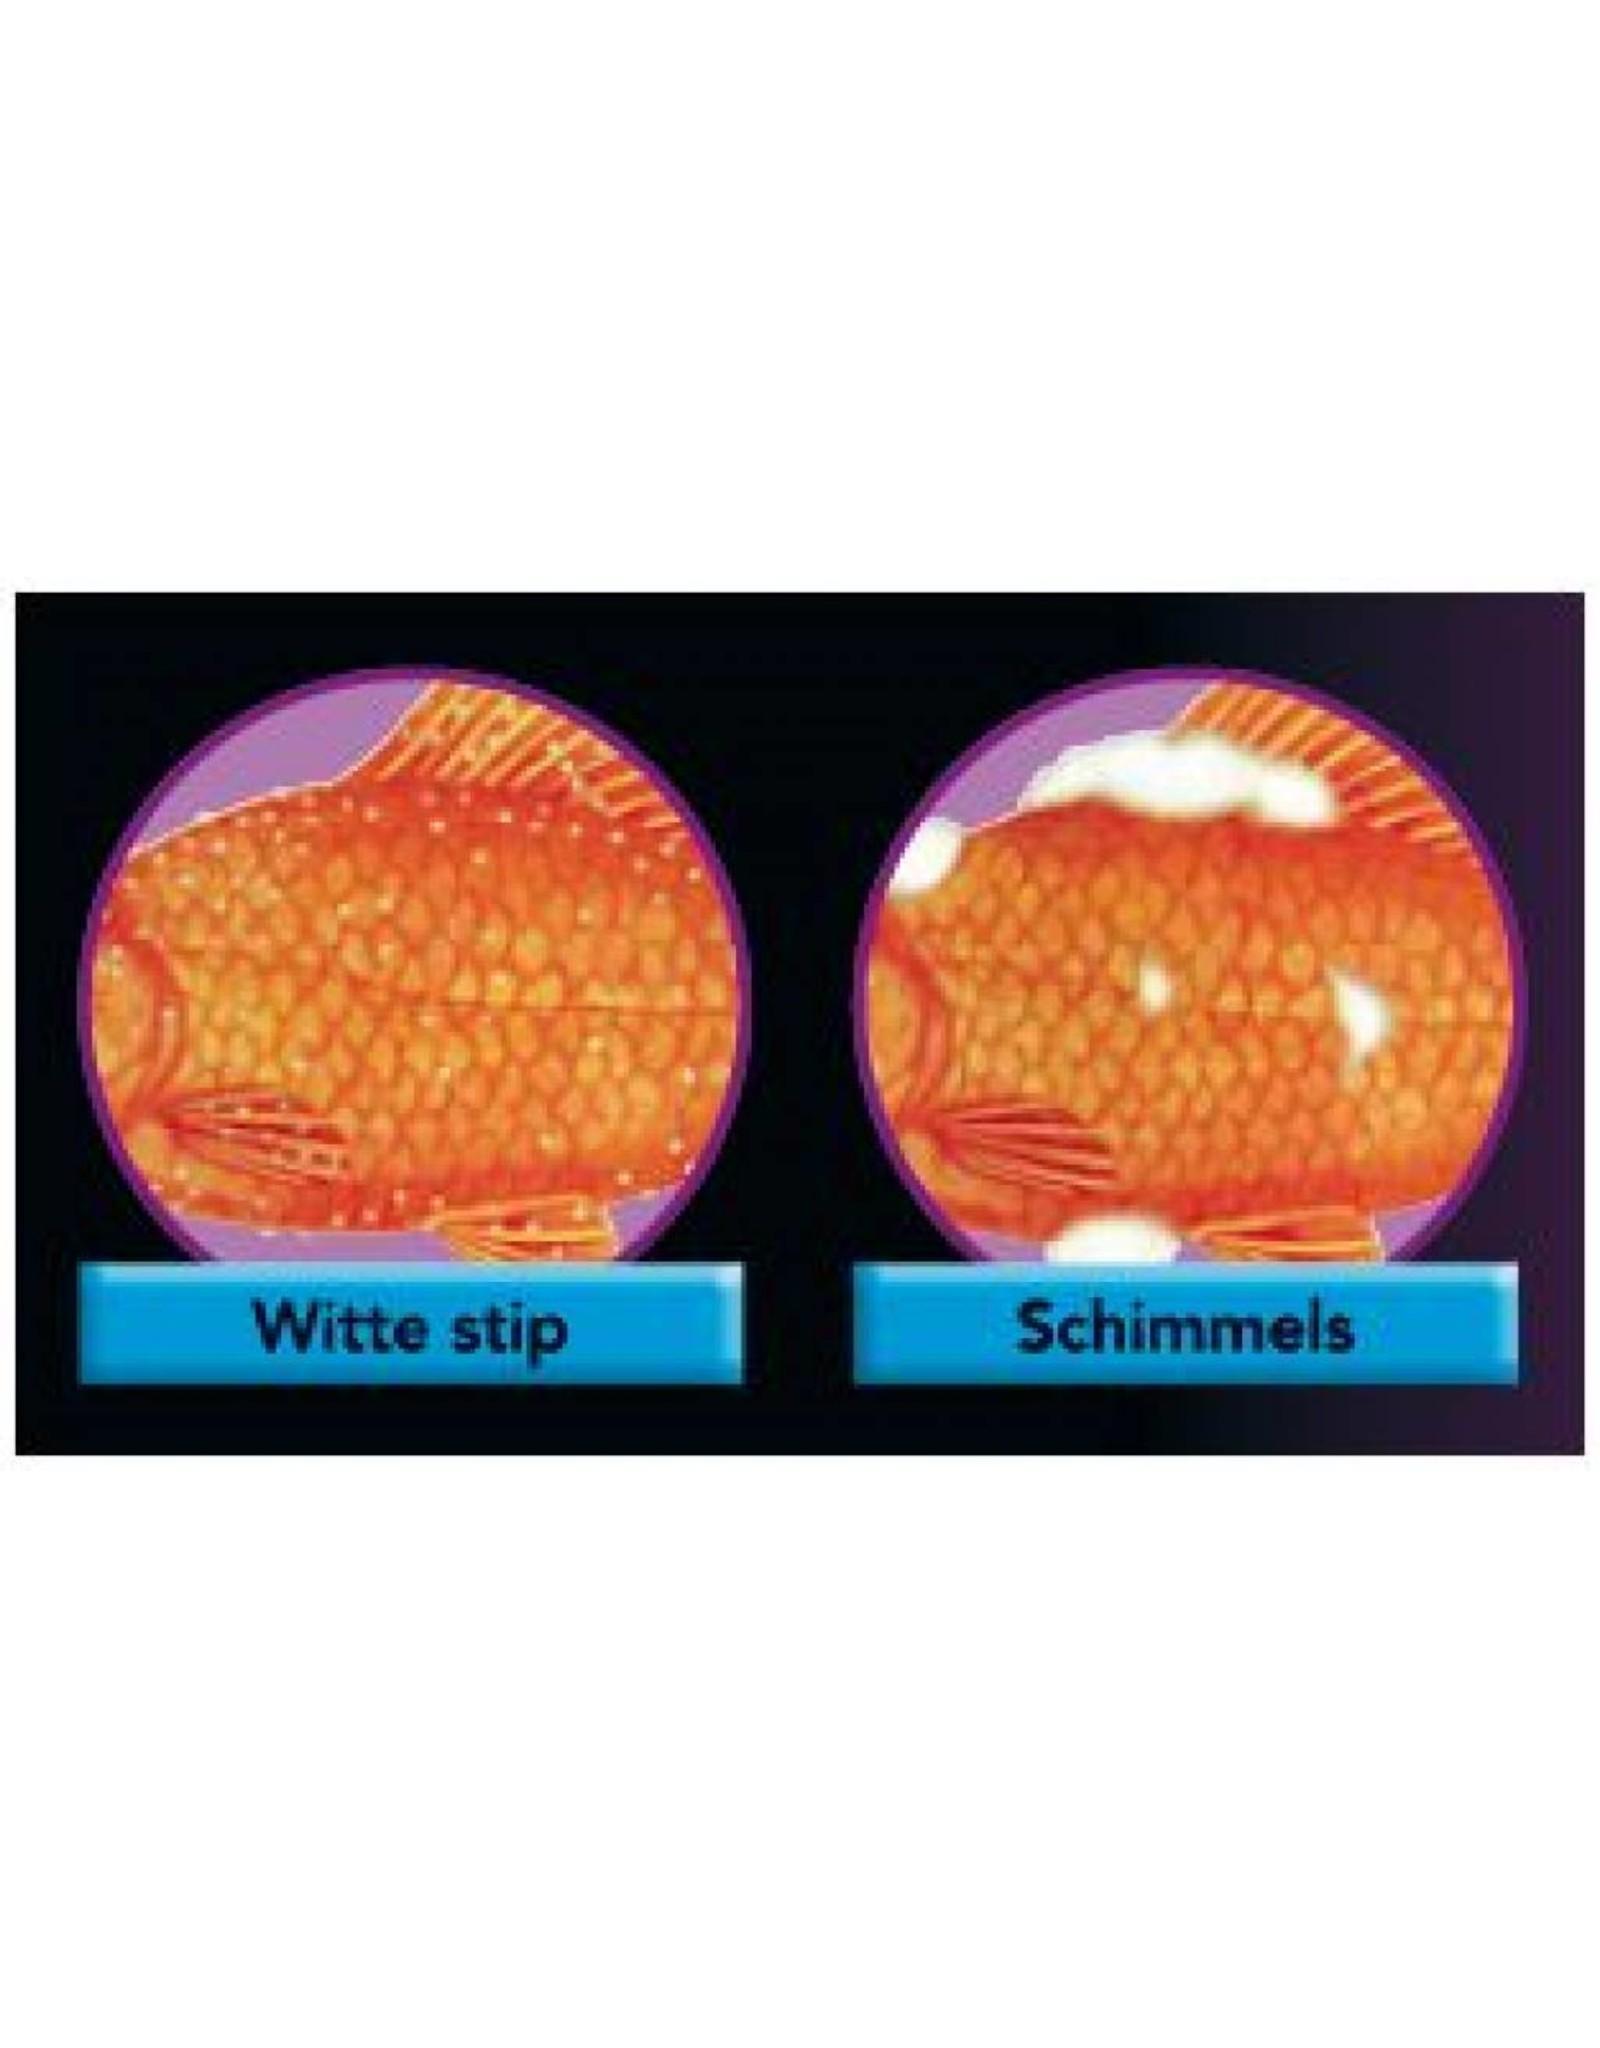 Colombo Morenicol FMC-50 tegen witte stip, schimmels en eencellige parasiten..